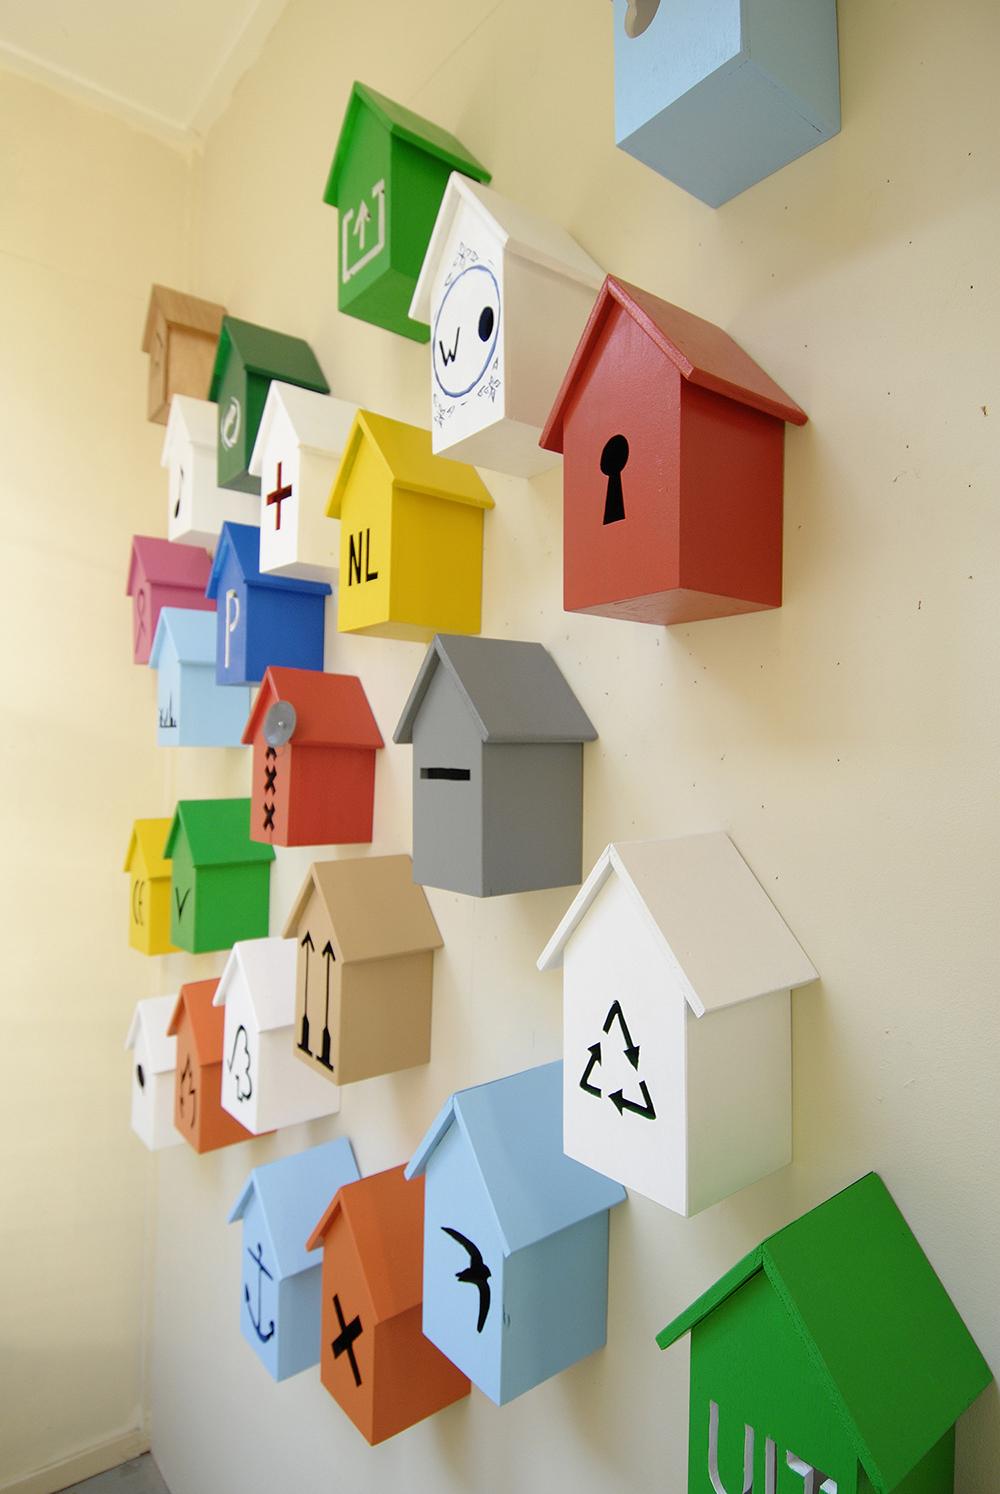 25 Vogelhuisjes 2007<div style='clear:both;width:100%;height:0px;'></div><span class='desc'>Tentoonstelling: UitZicht Amsterdam  <br>Materiaal: Uitgezaagd hout, acrylverf <br>Curatoren: Guda Koster en Matthijs Muller</span>